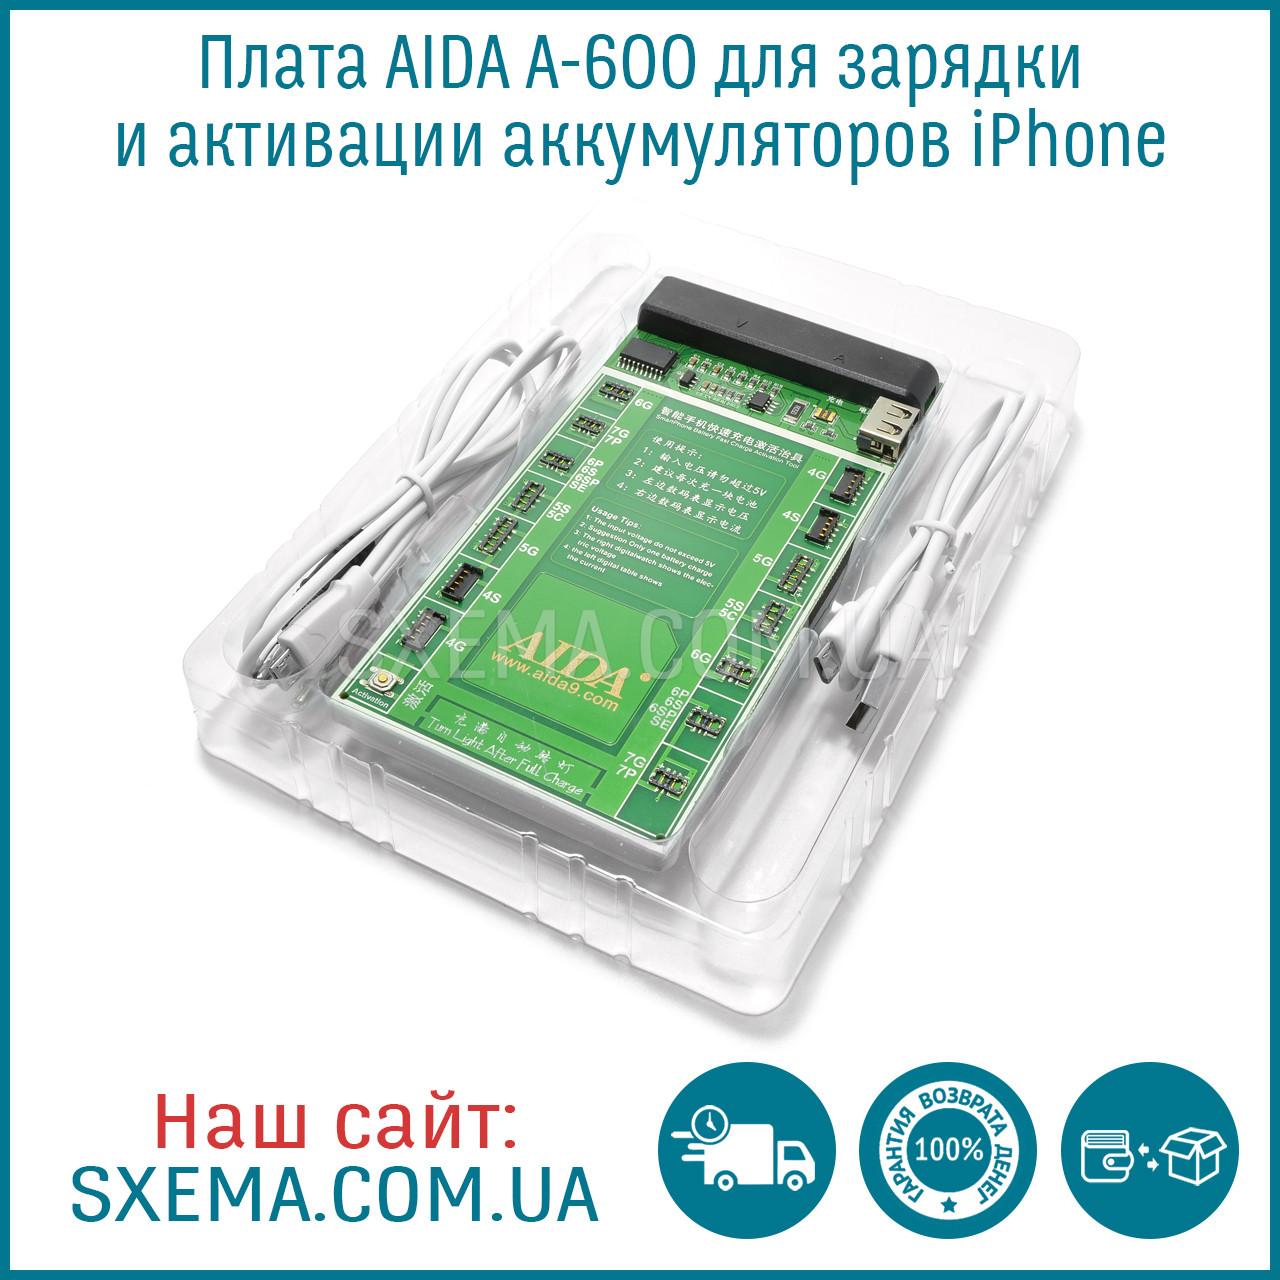 Плата AIDA A-600 для зарядки и активации аккумуляторов iPhone (4G/4S/5G/5S/6G/6P/6S/6SP/SE/7G/7P) цифр индикац